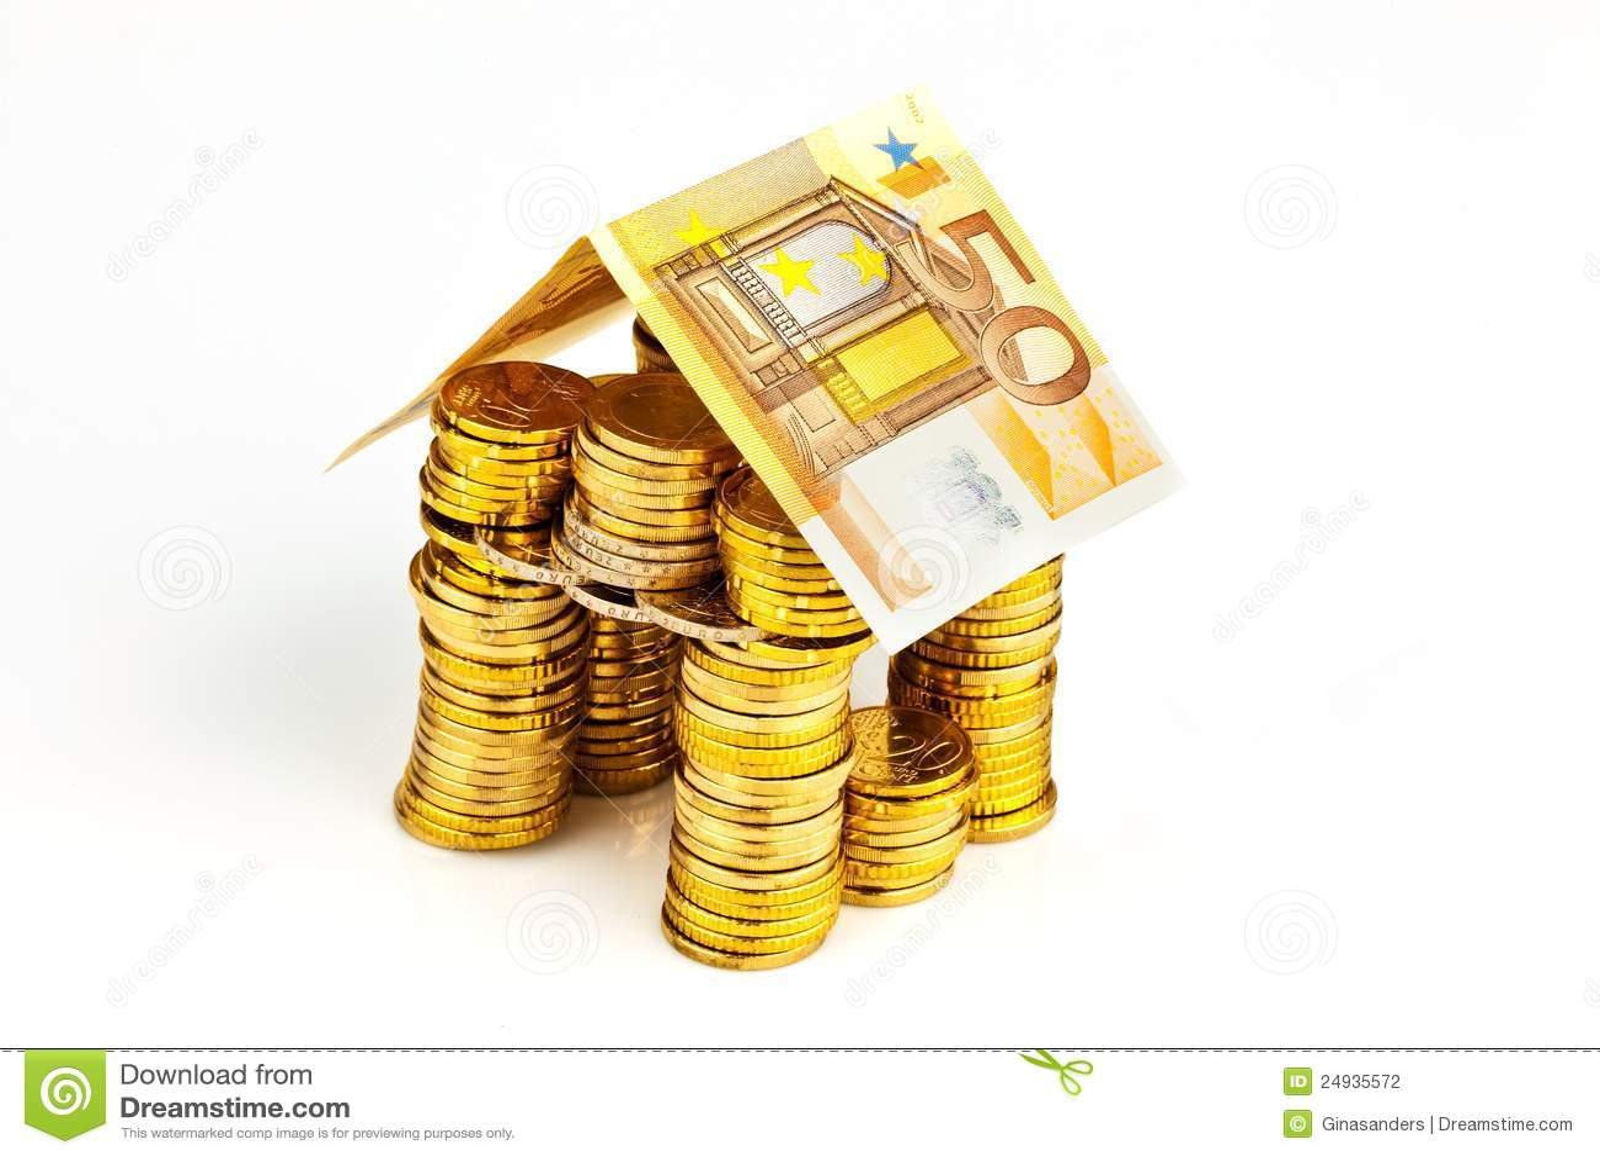 банки в бийске кредит наличными без справок и поручителей